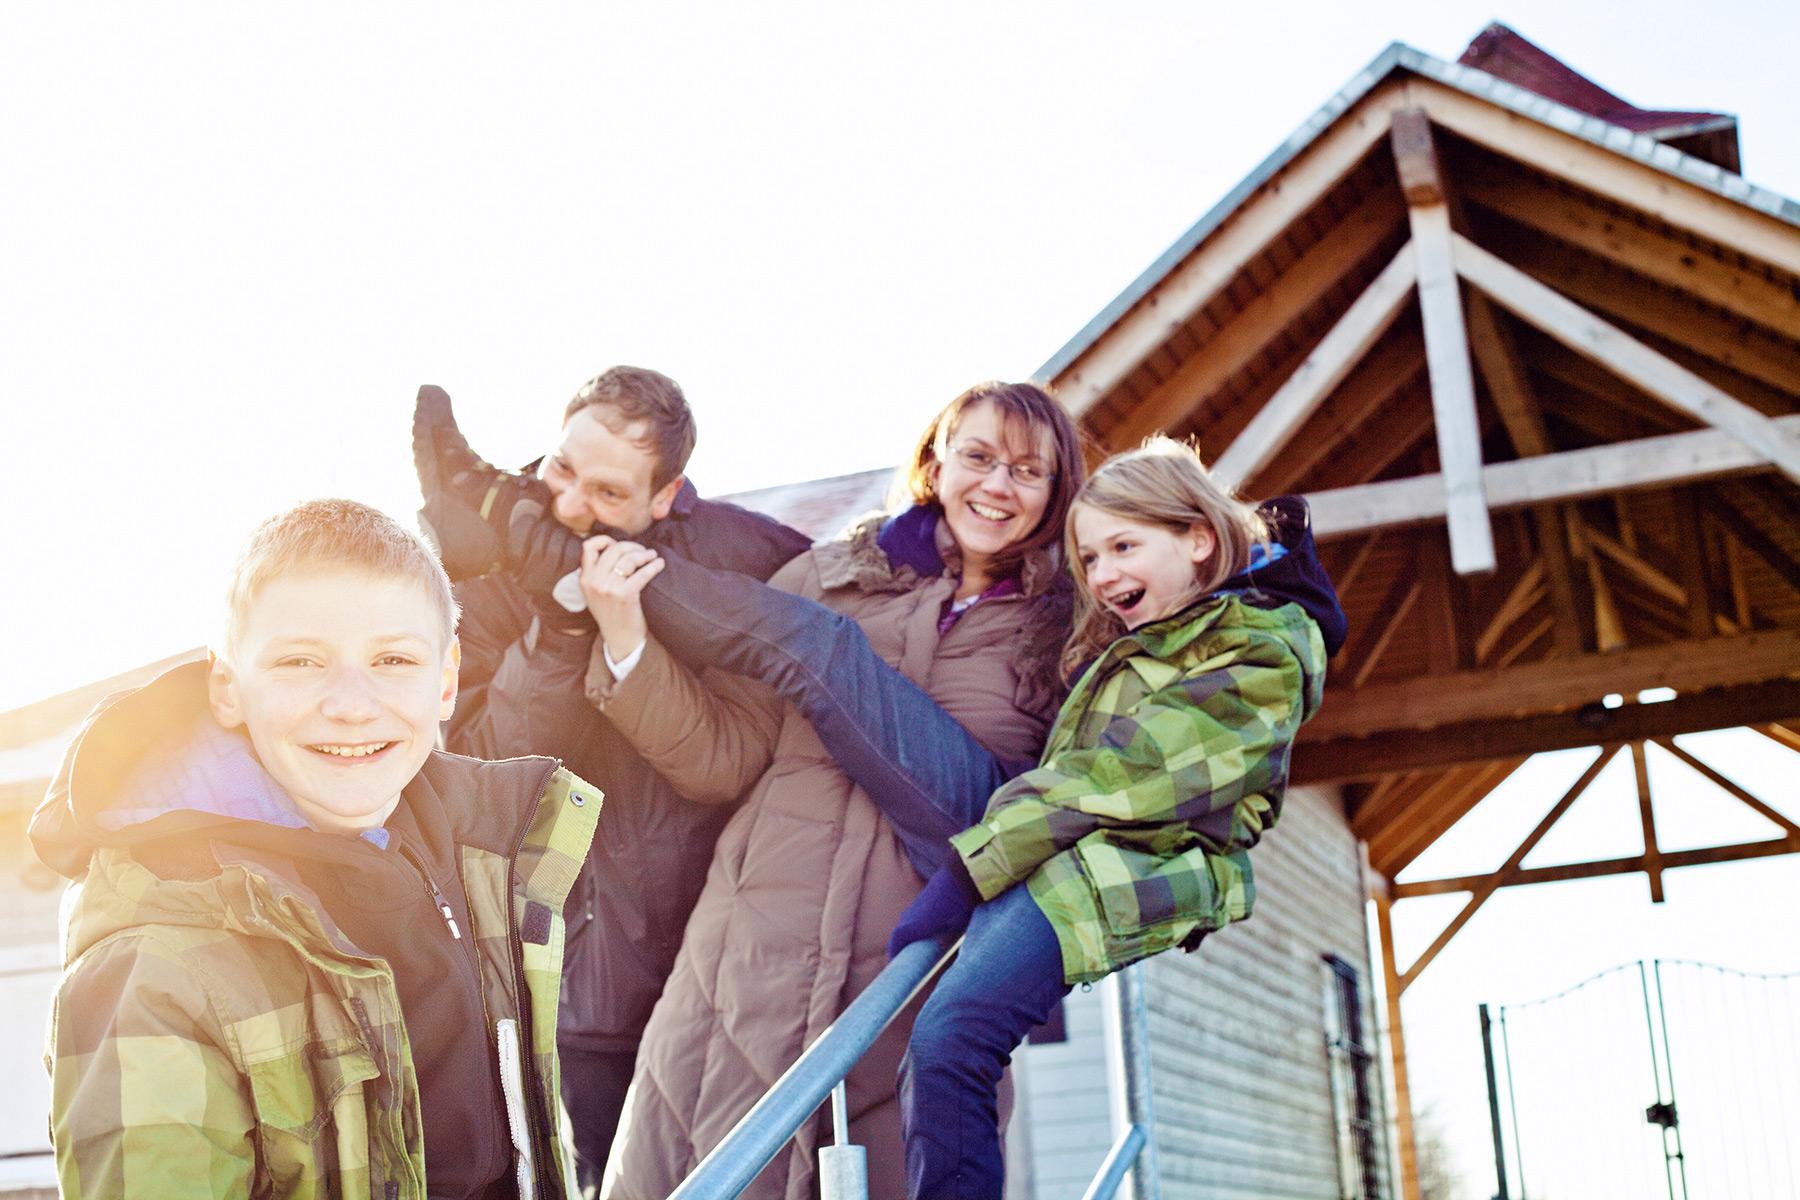 Familie am Strandbad am Kulkwitzer See Leipzig